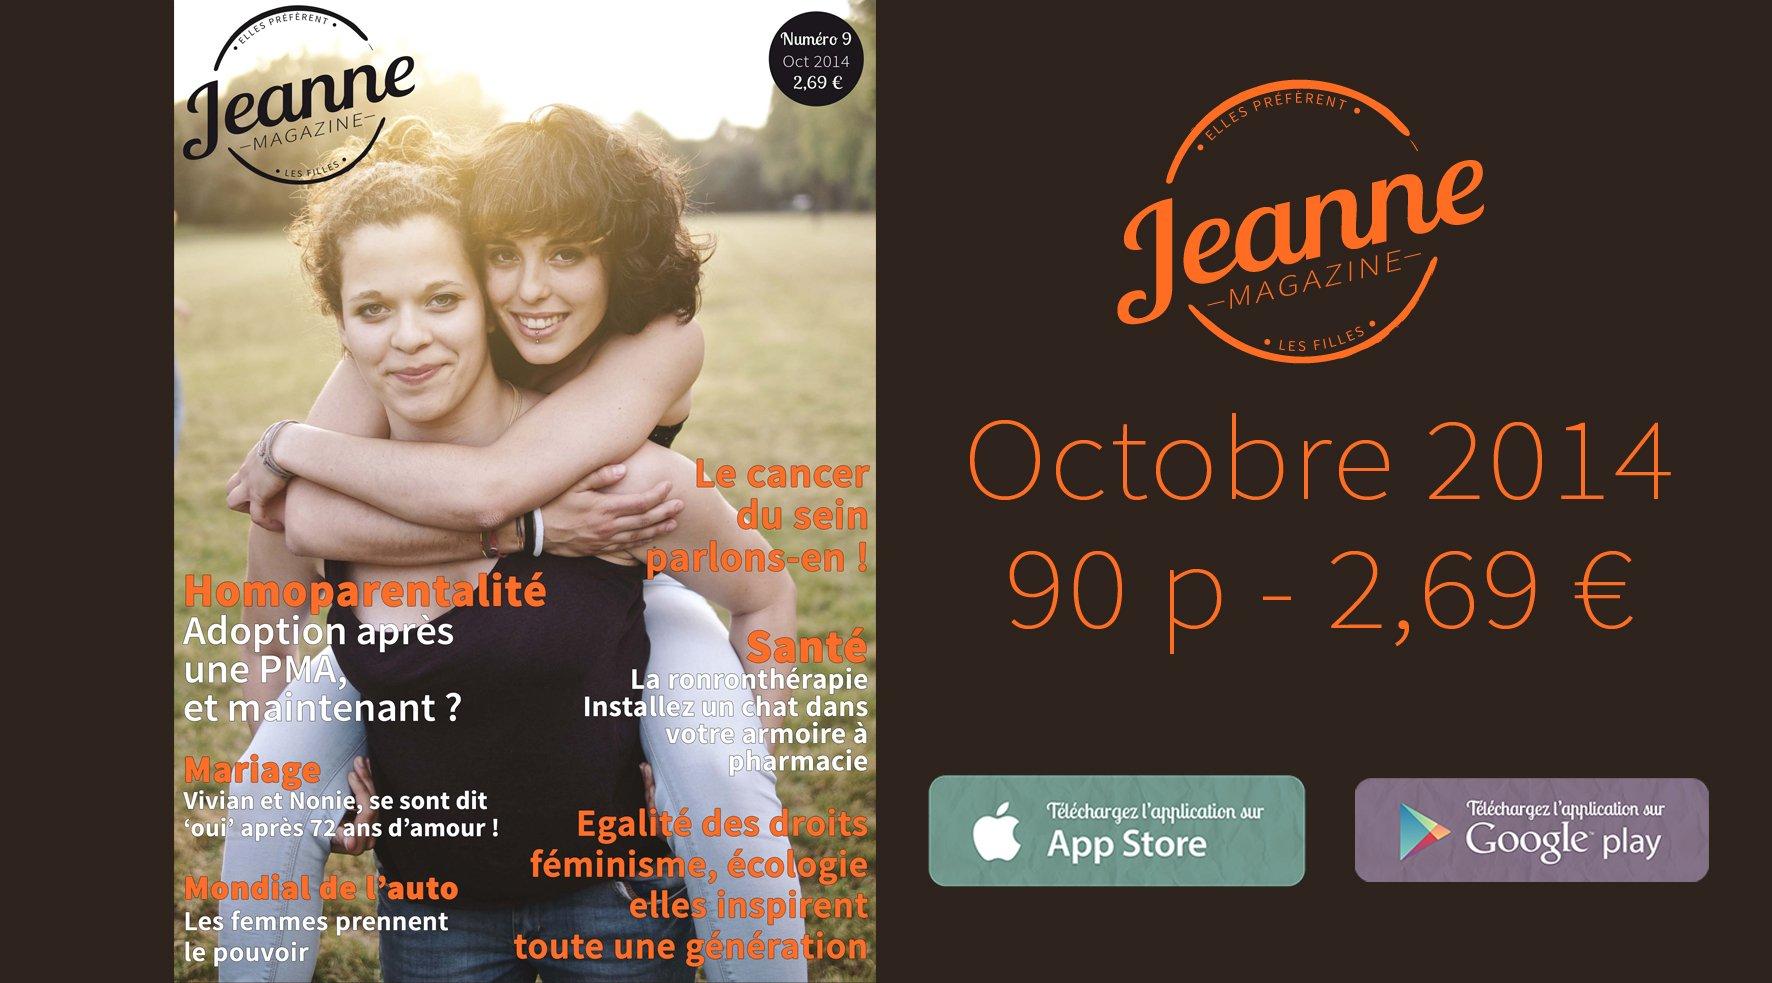 Sortie de Jeanne Magazine n°9 – octobre 2014